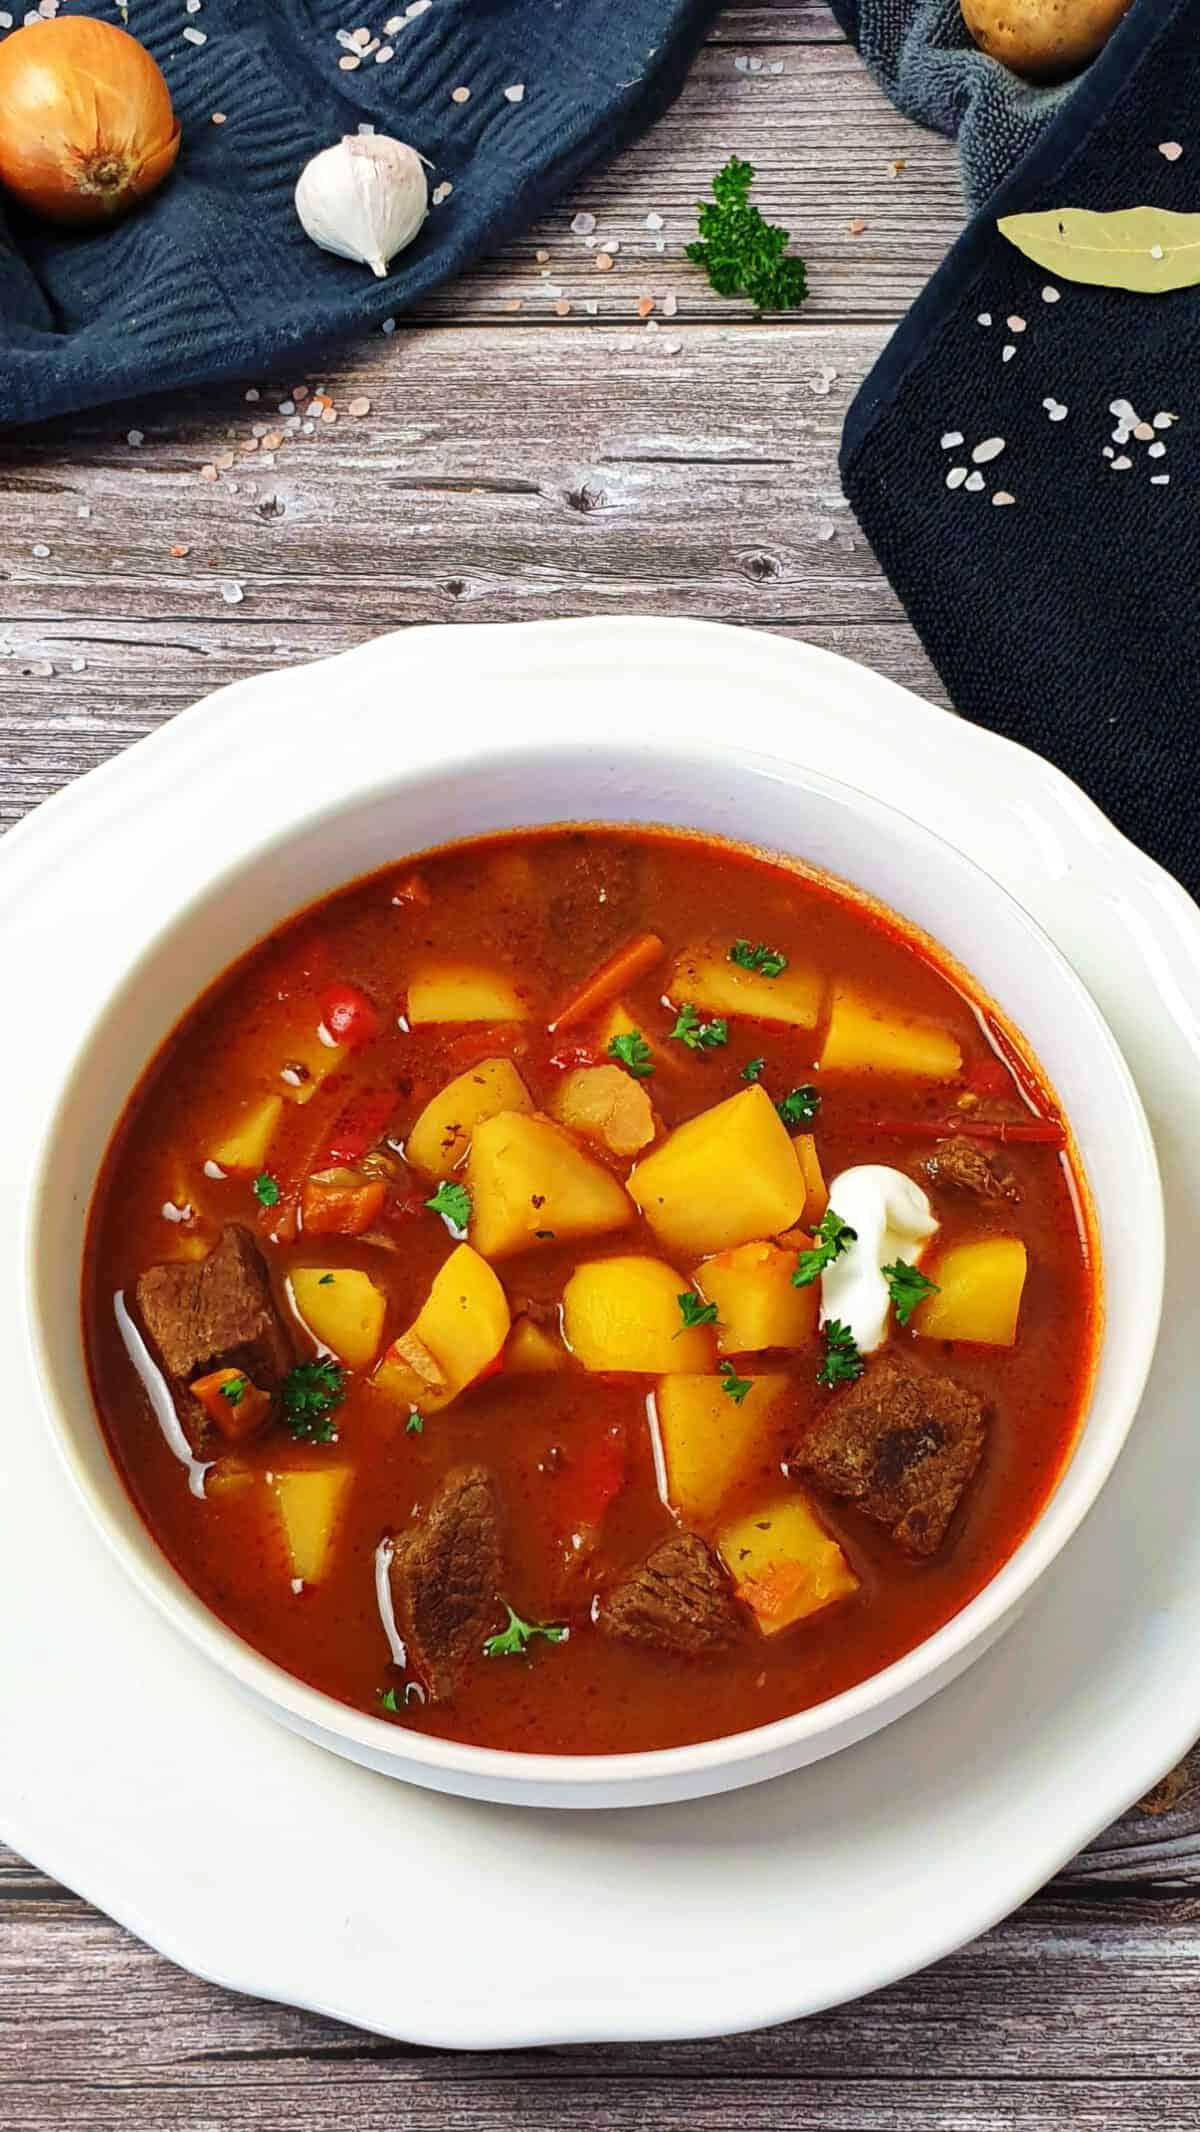 In einer weißen Schale Gulaschsuppe mit Rindfleisch, Paprika und Kartoffeln. Im Hintergrund Deko.